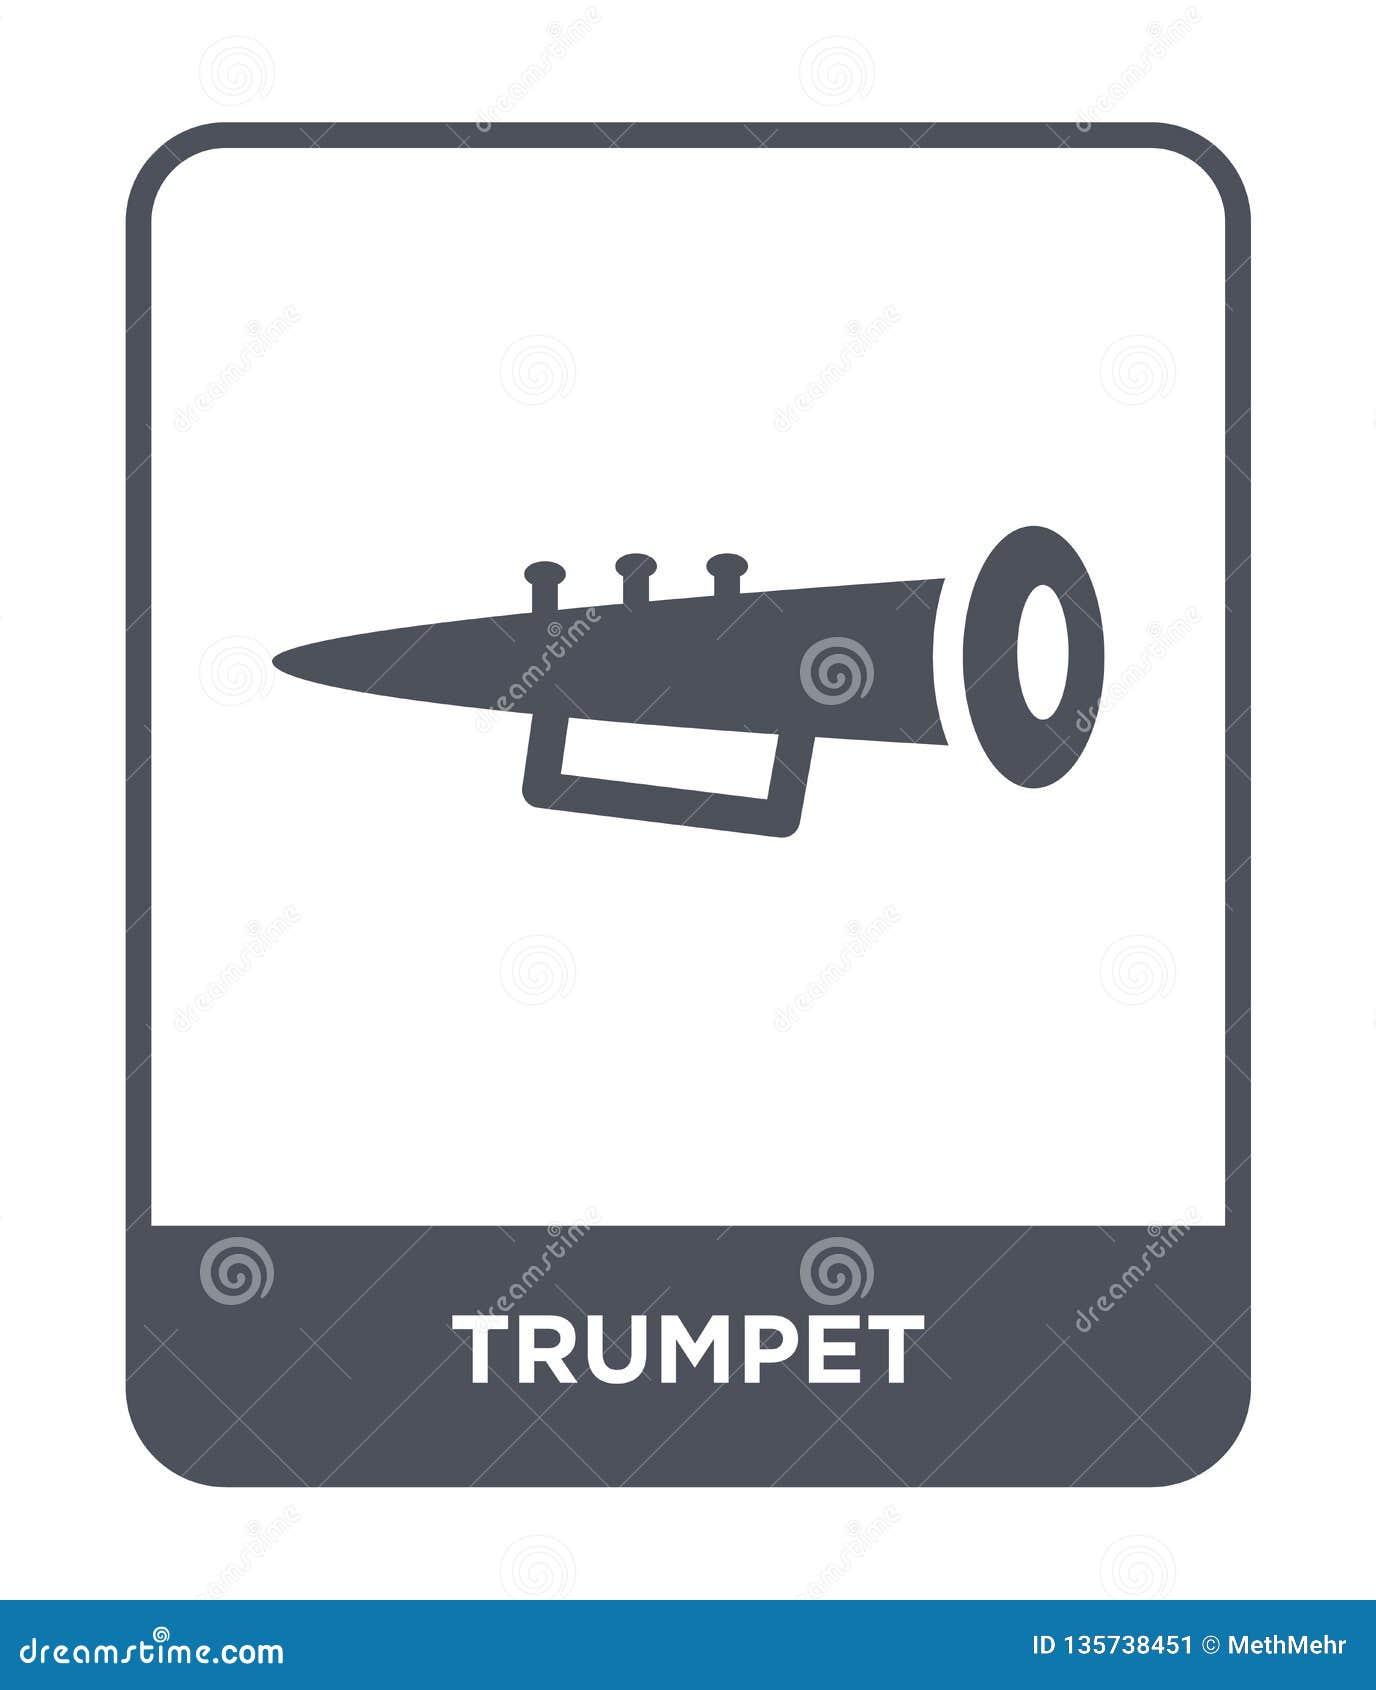 Icono de la trompeta en estilo de moda del diseño Icono de la trompeta aislado en el fondo blanco símbolo plano simple y moderno